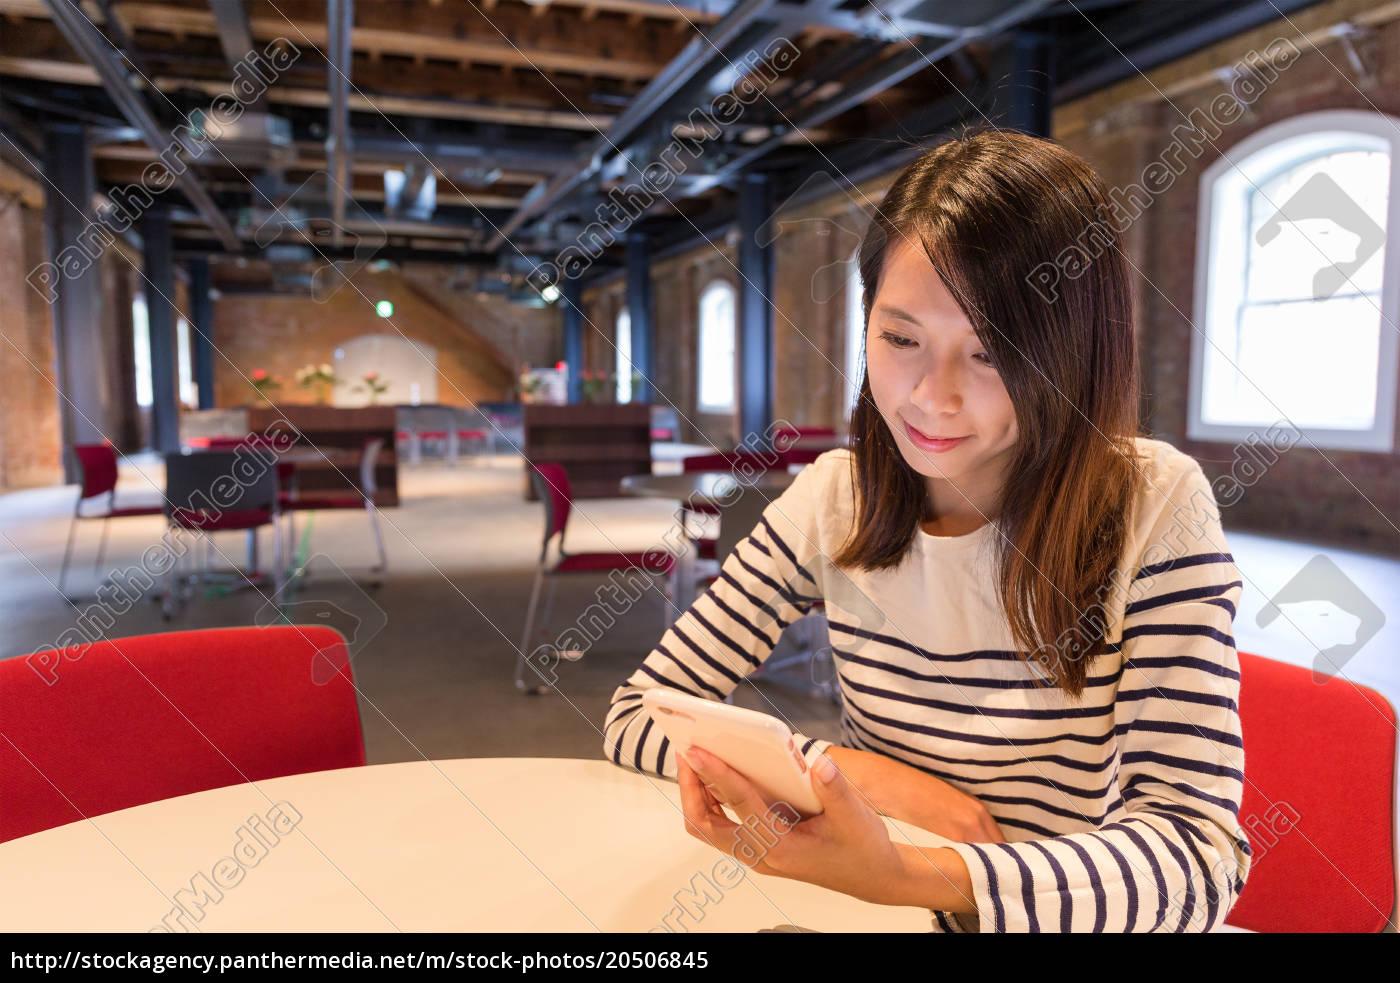 woman, using, cellphone, inside, restaurant - 20506845